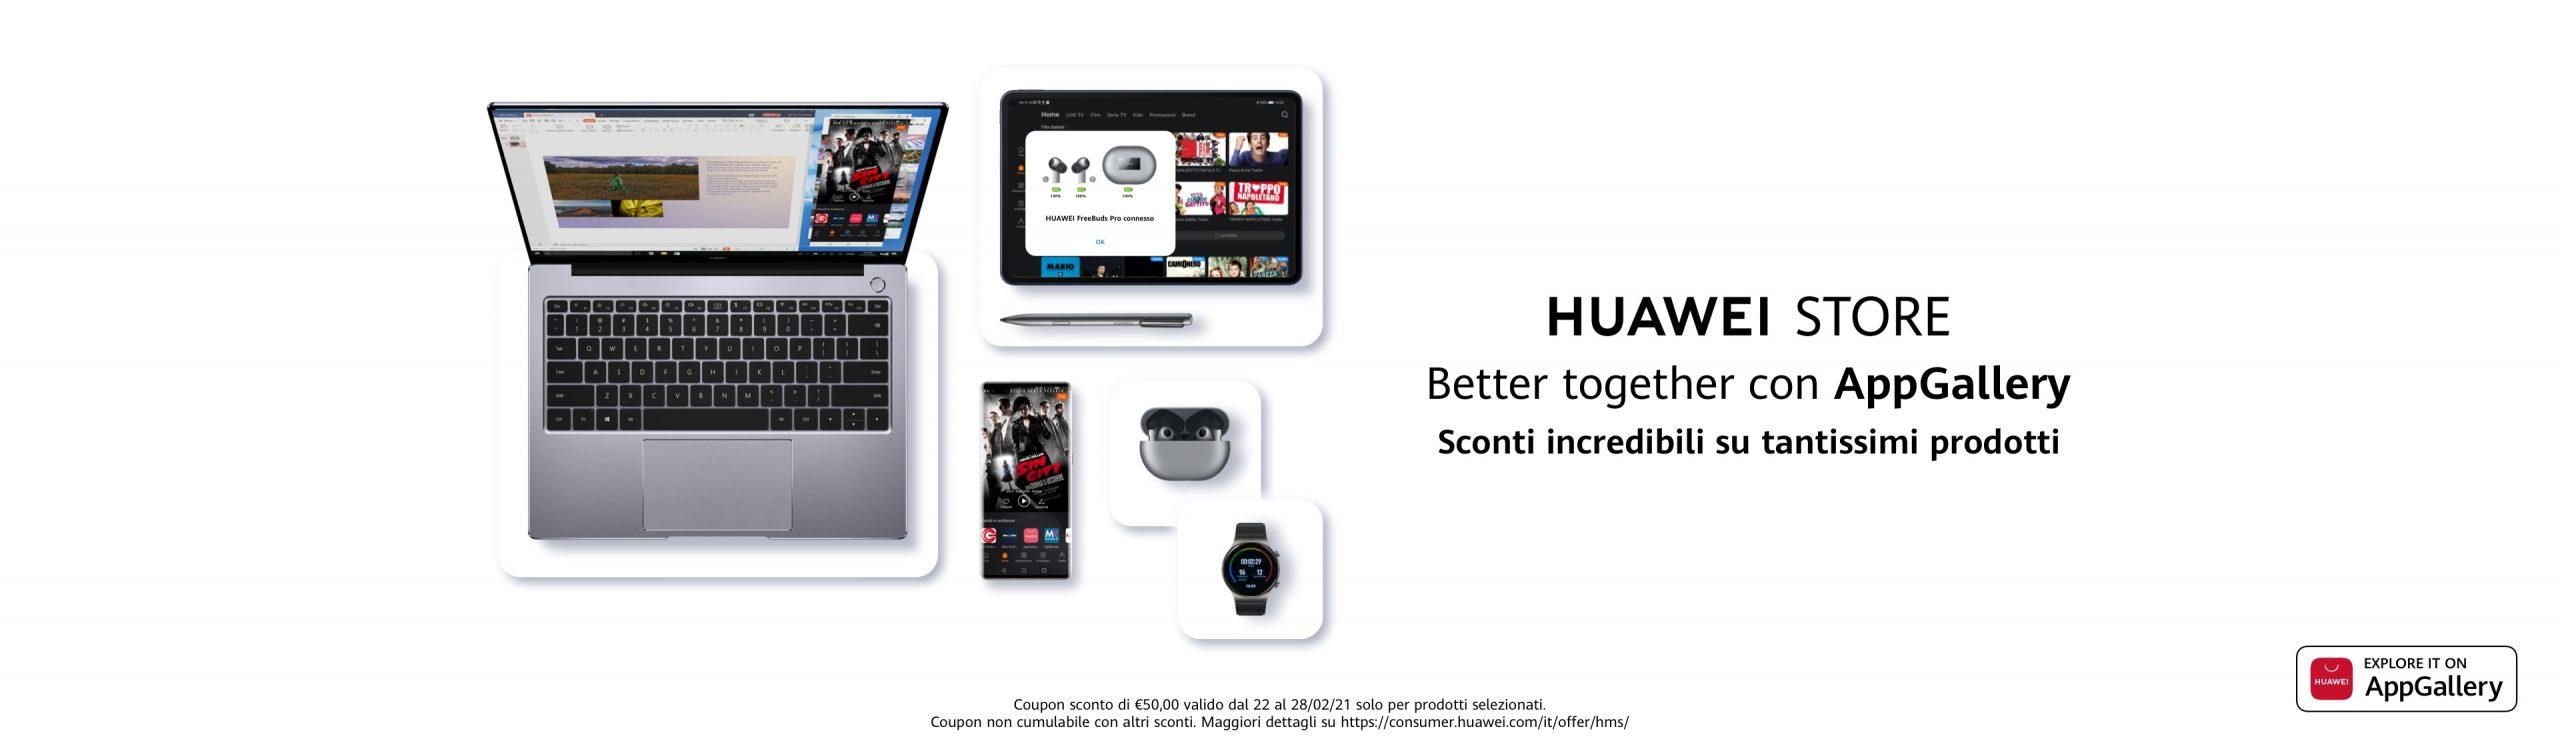 Huawei Store - HMS Week - 2021